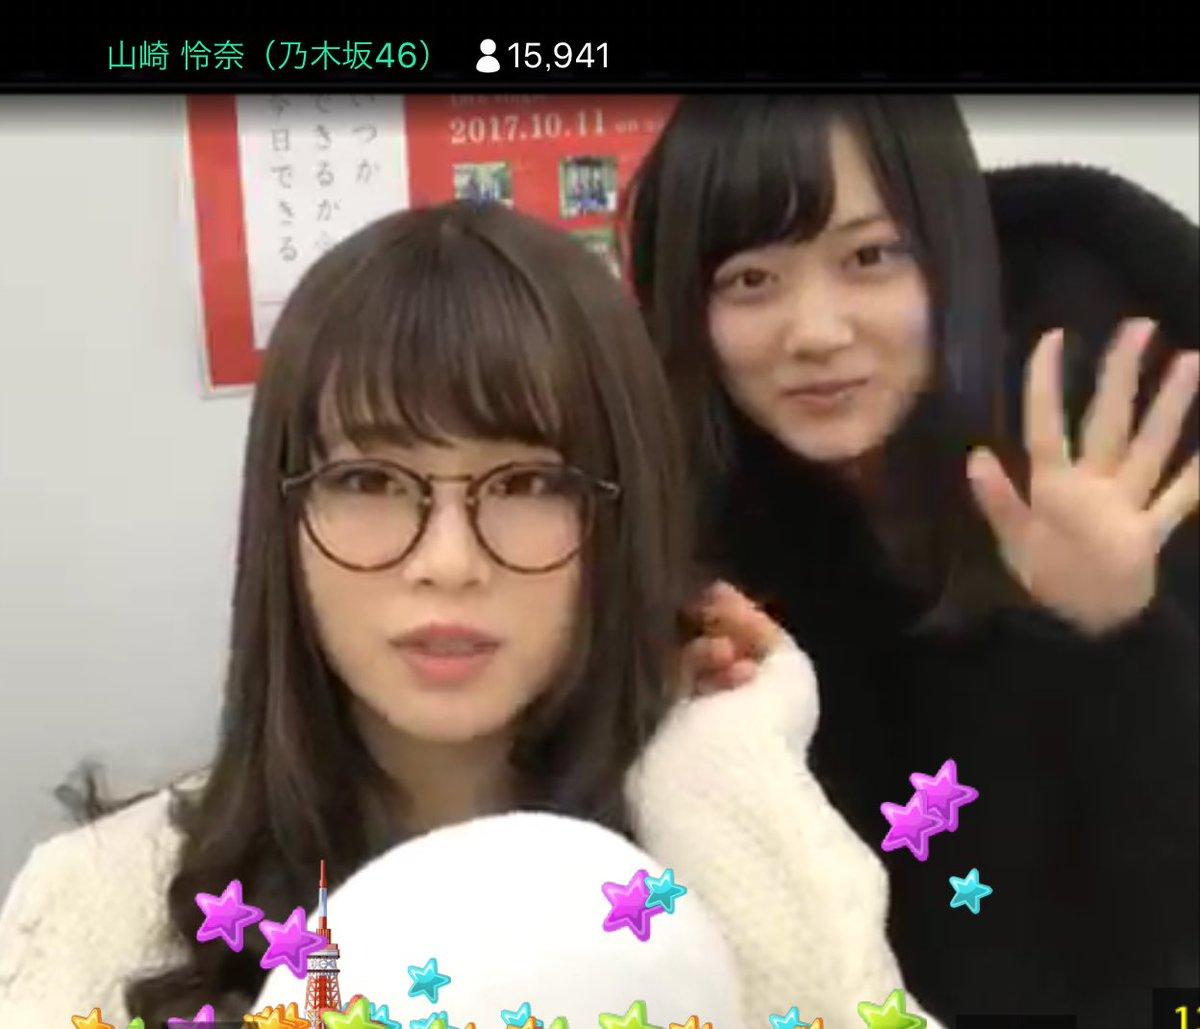 肉大⊿⚡️ no Twitter: